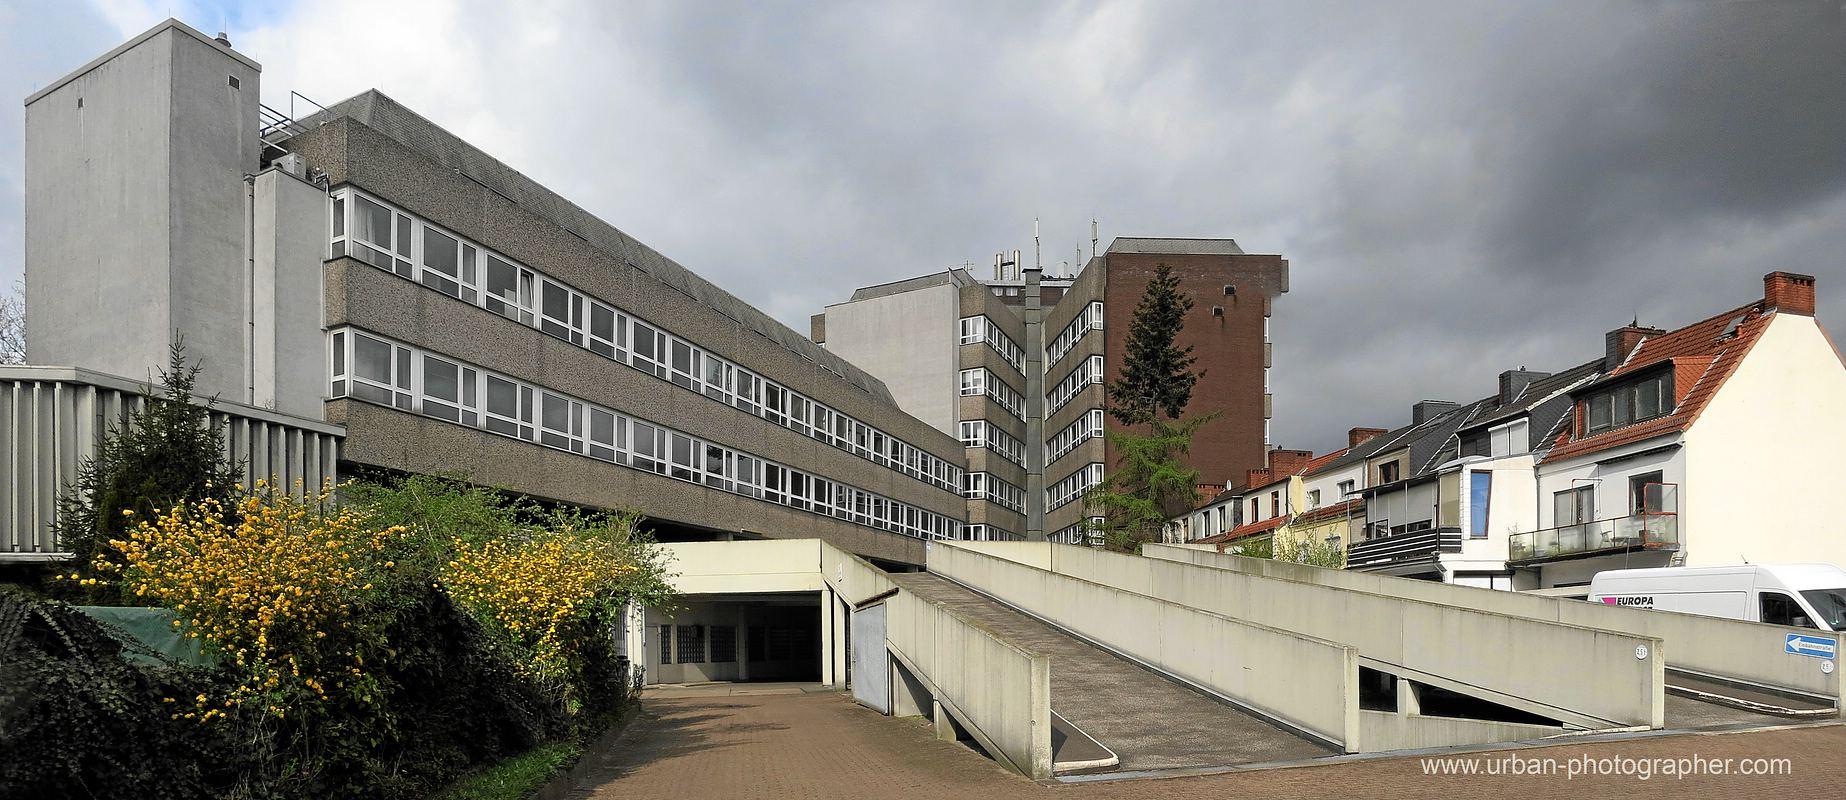 Walter-Kott-Haus 3